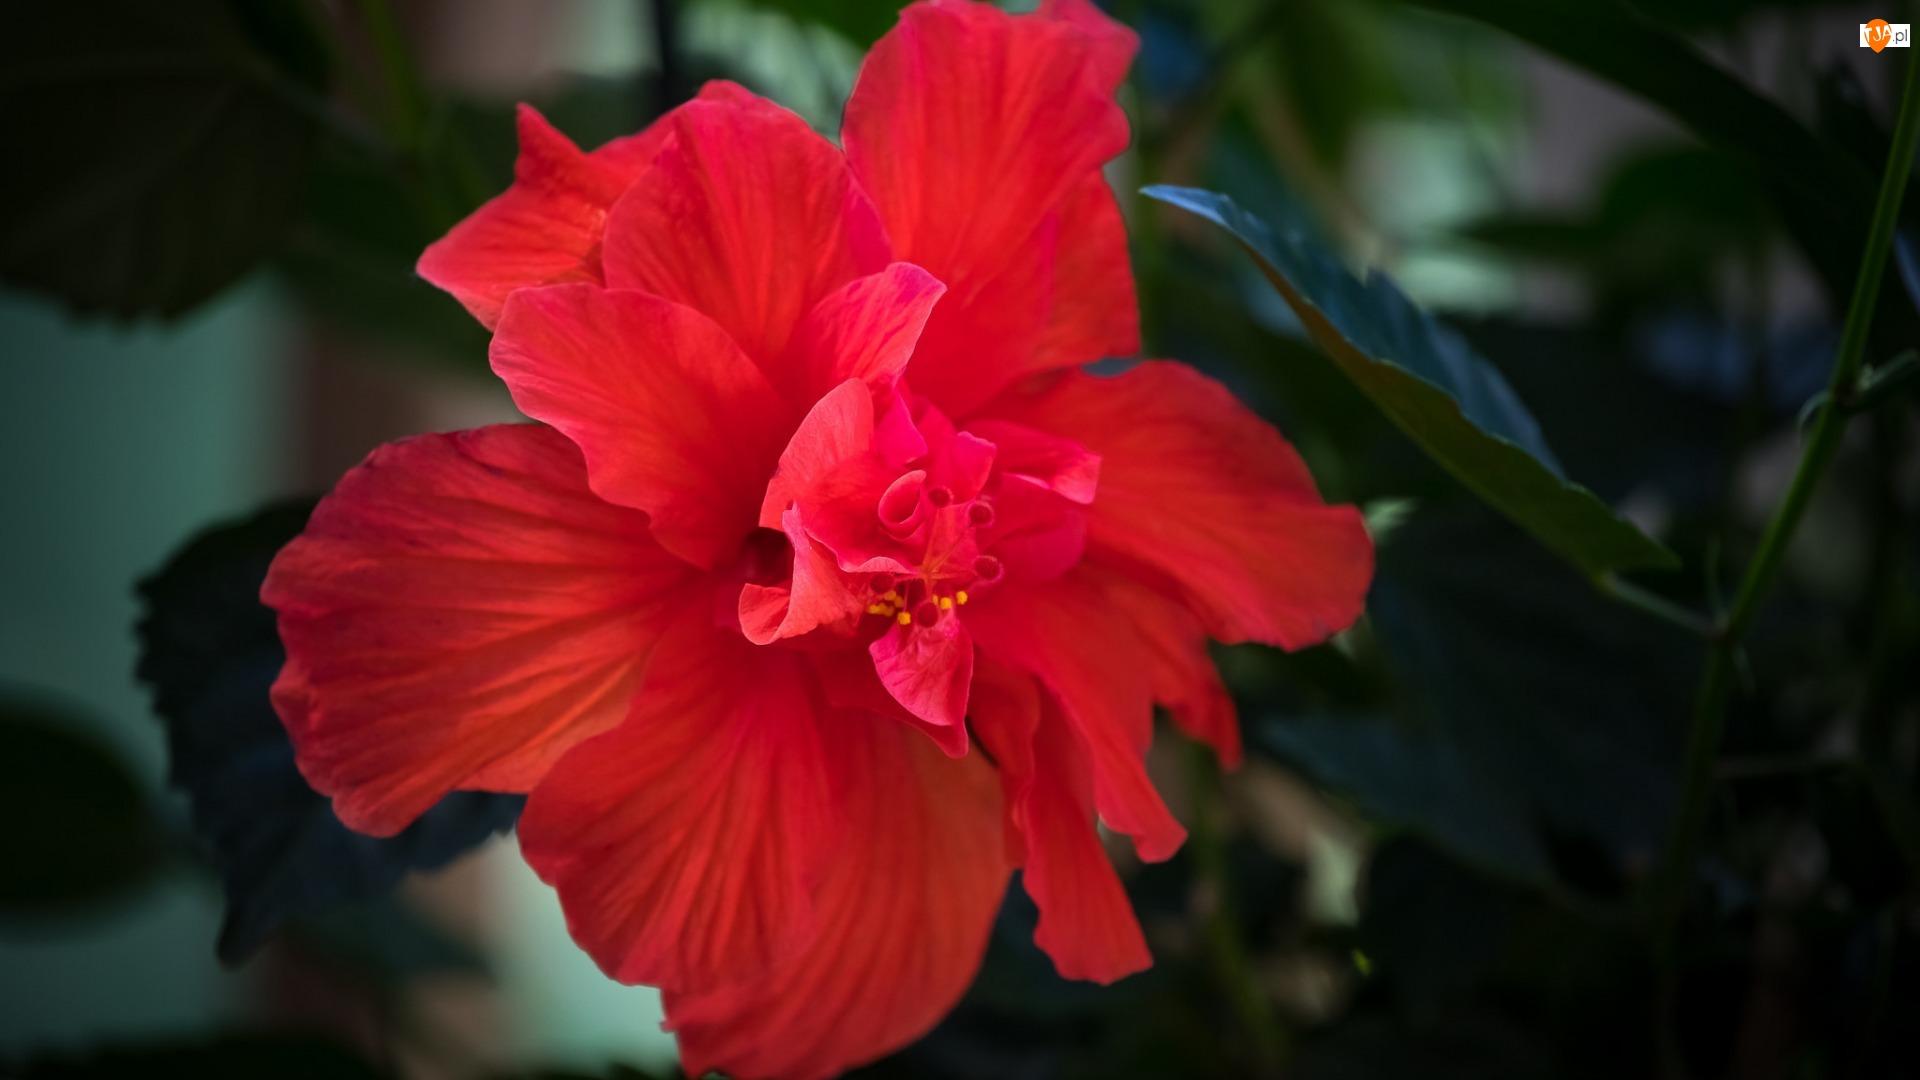 Czerwony, Rozmycie, Hibiskus, Kwiat, Liście